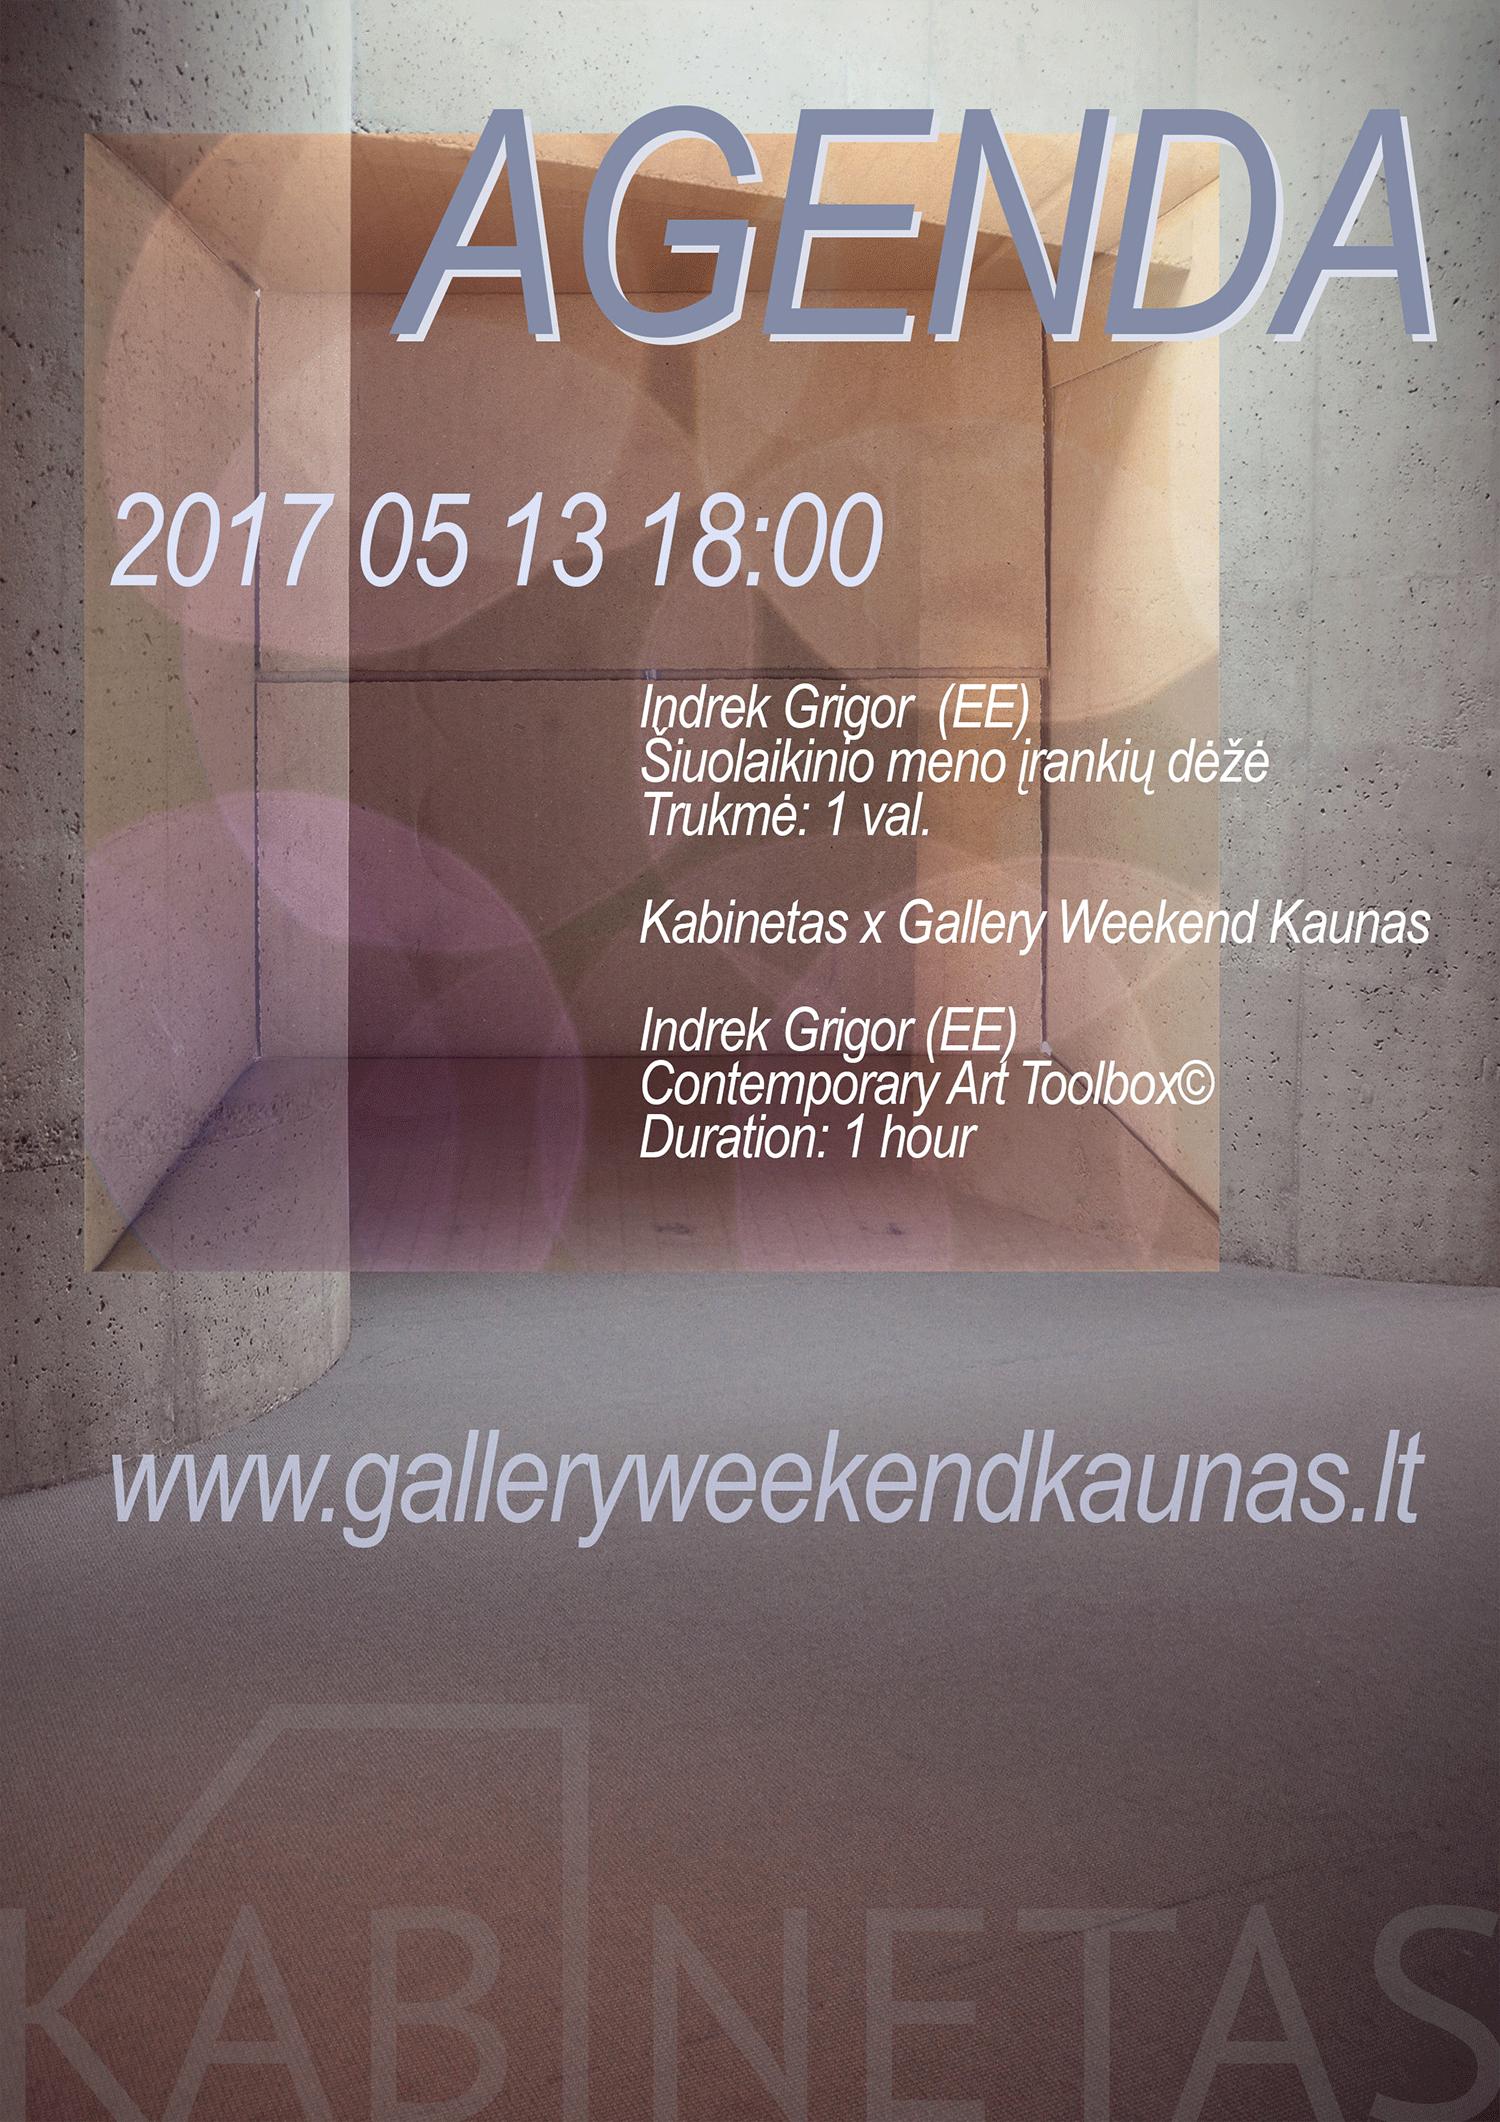 agenda-2017-05